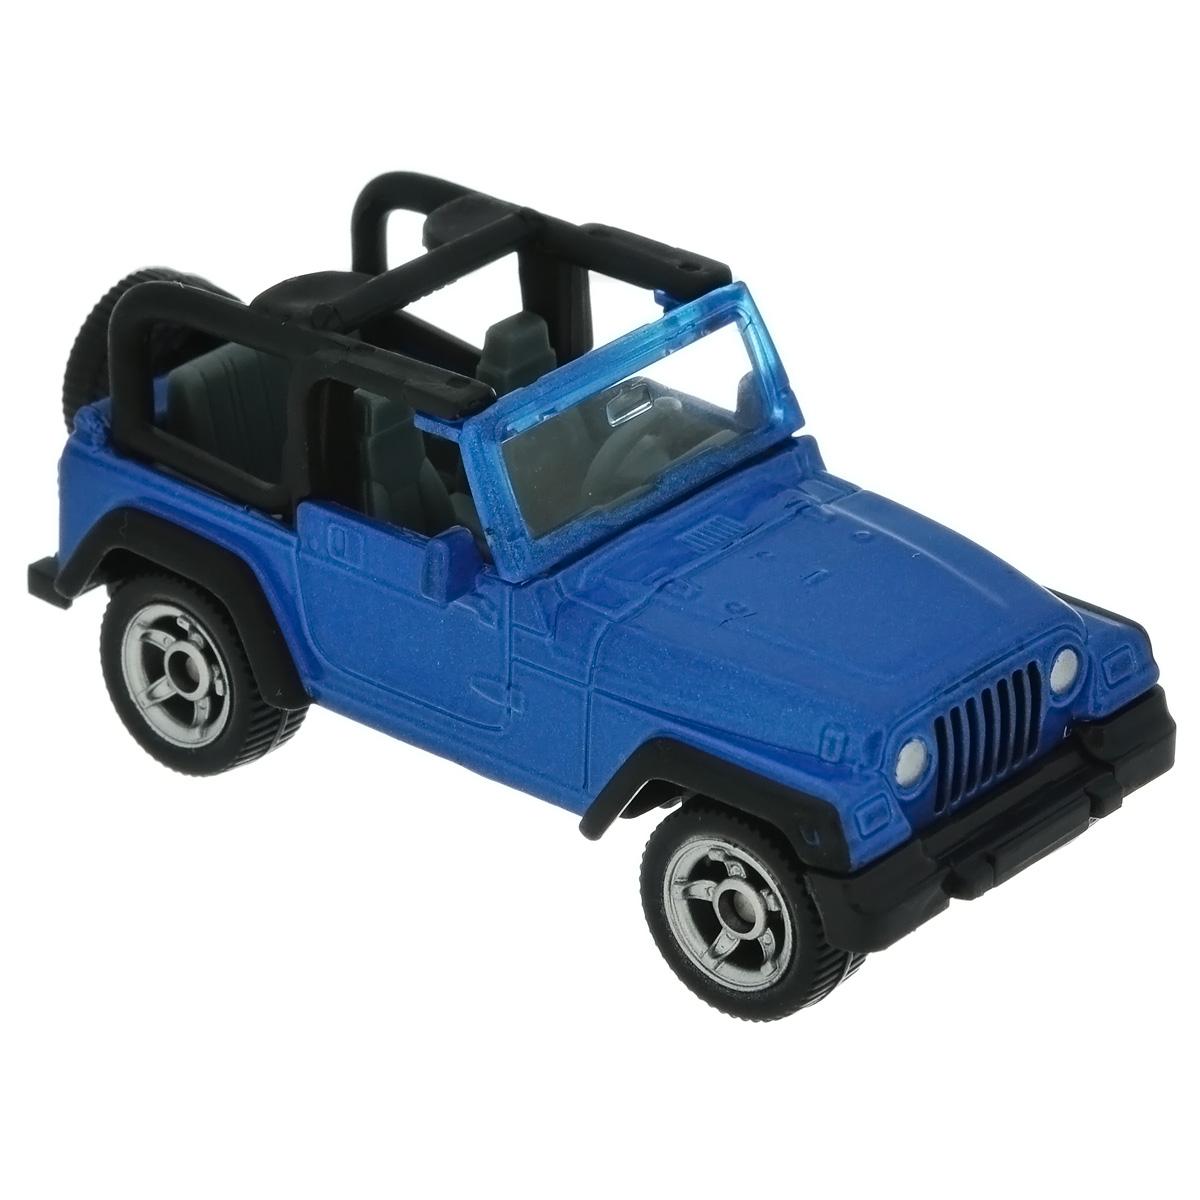 цена на Siku Модель автомобиля Jeep Wrangler